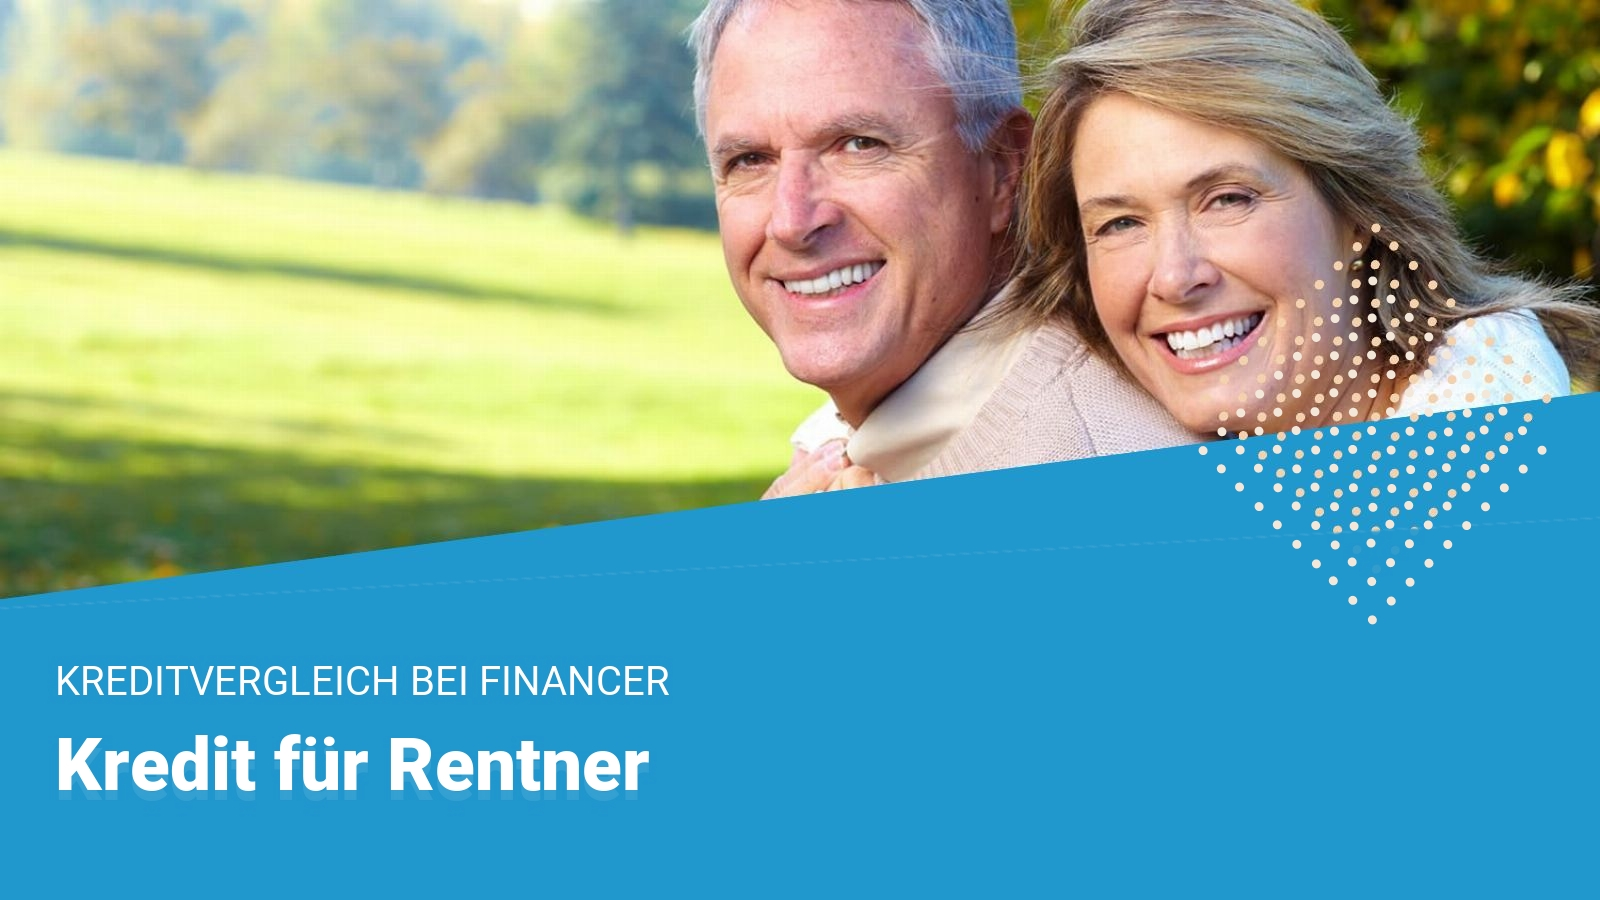 kredit-fuer-rentner-min